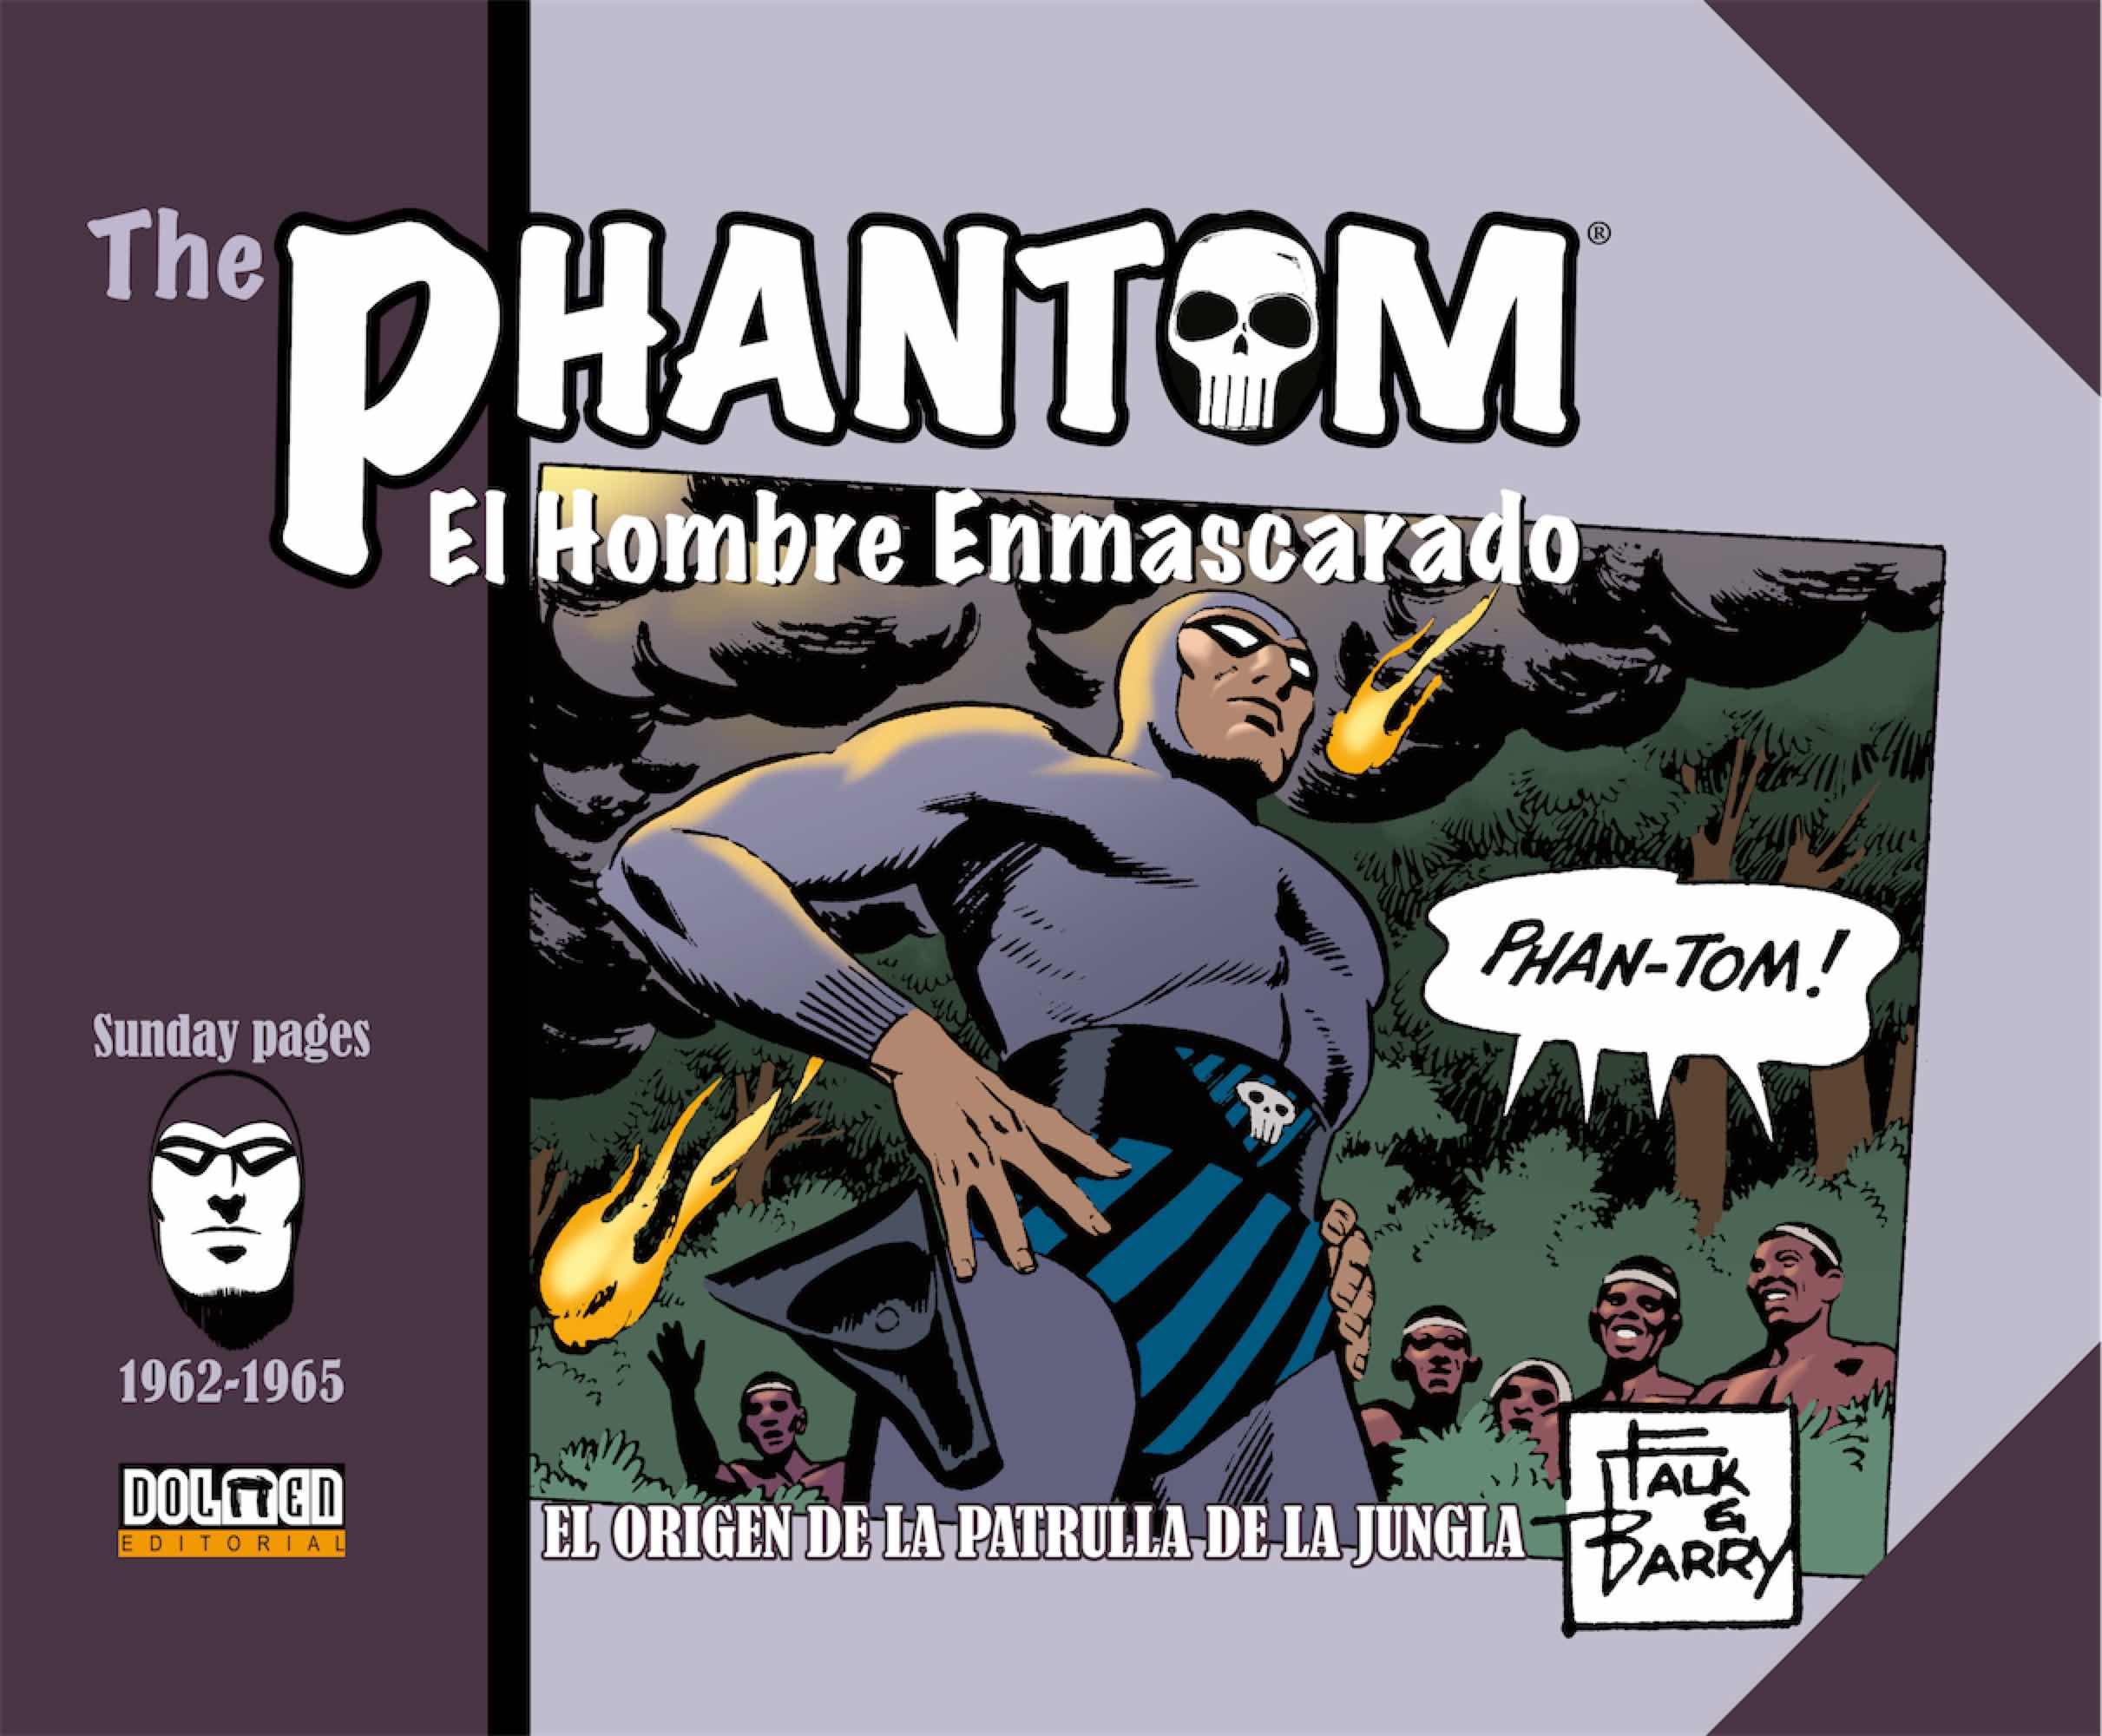 THE PHANTOM. EL HOMBRE ENMASCARADO 1962-1965. EL ORIGEN DE LA PATRULLA DE LA JUNGLA